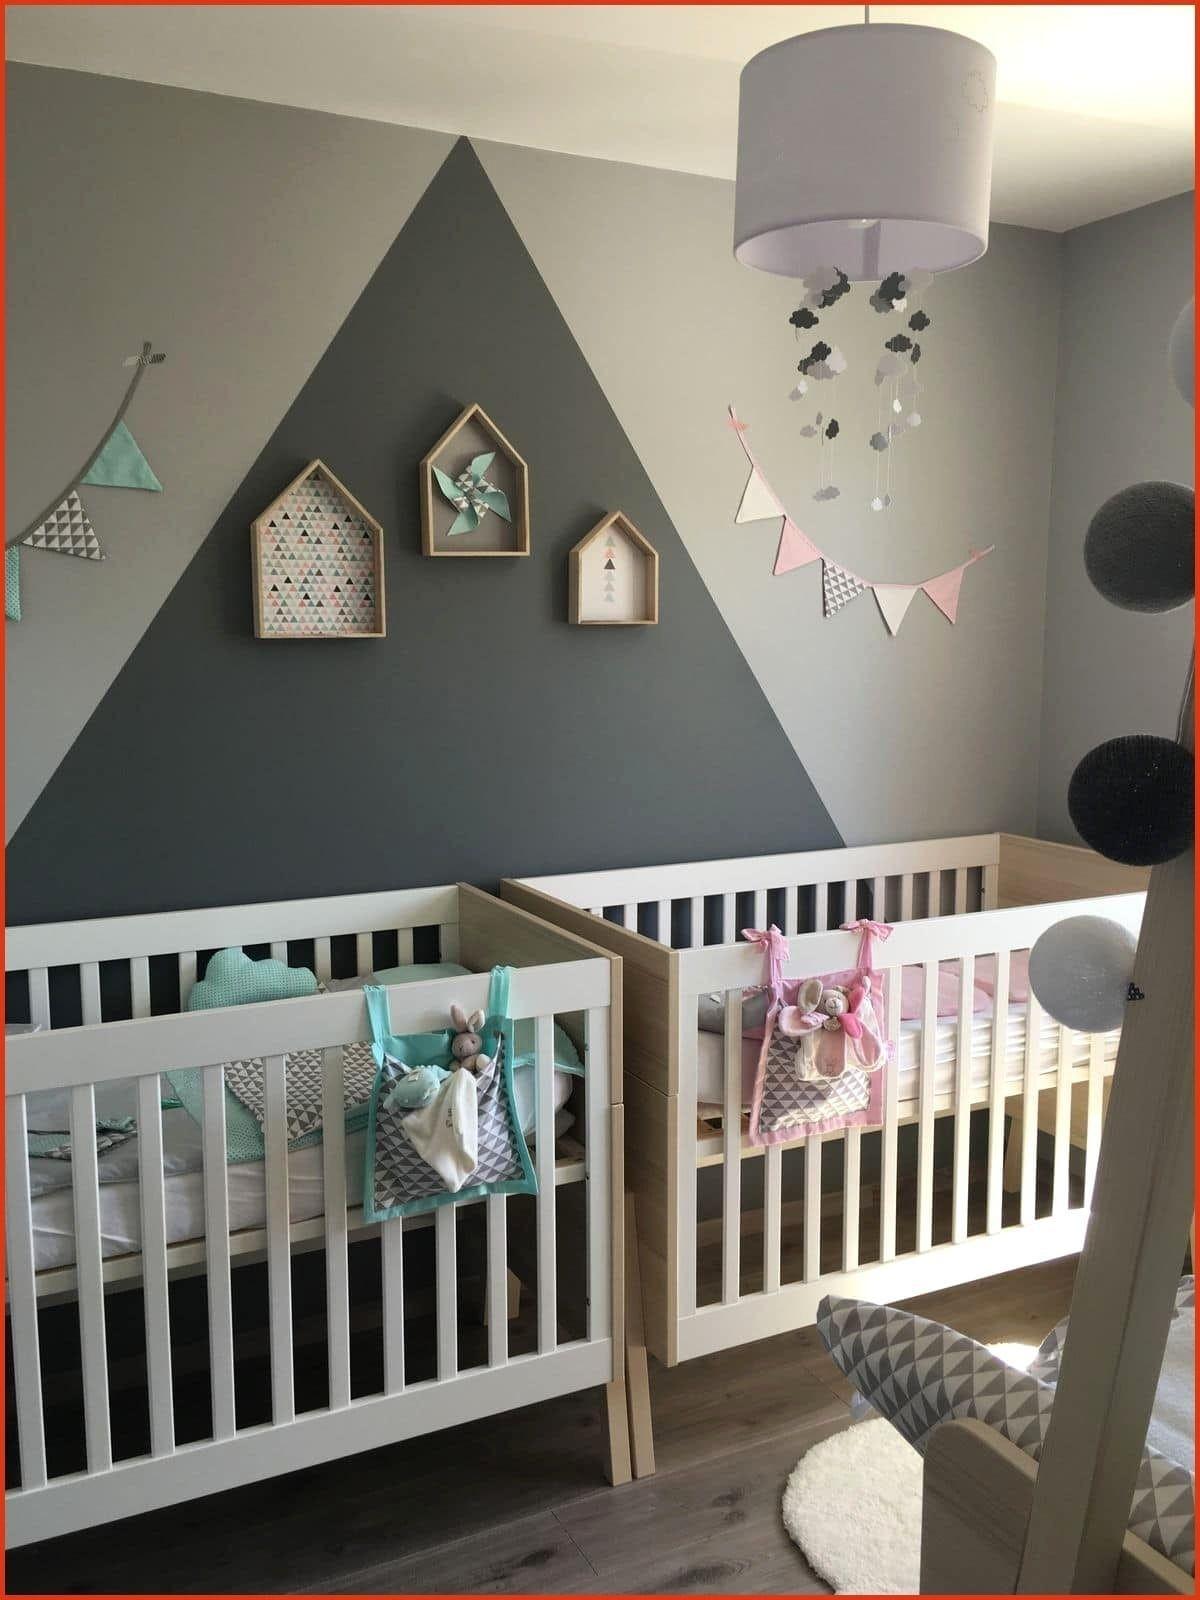 Décoration murale chambre bebe : 20 idées déco  Décoration murale